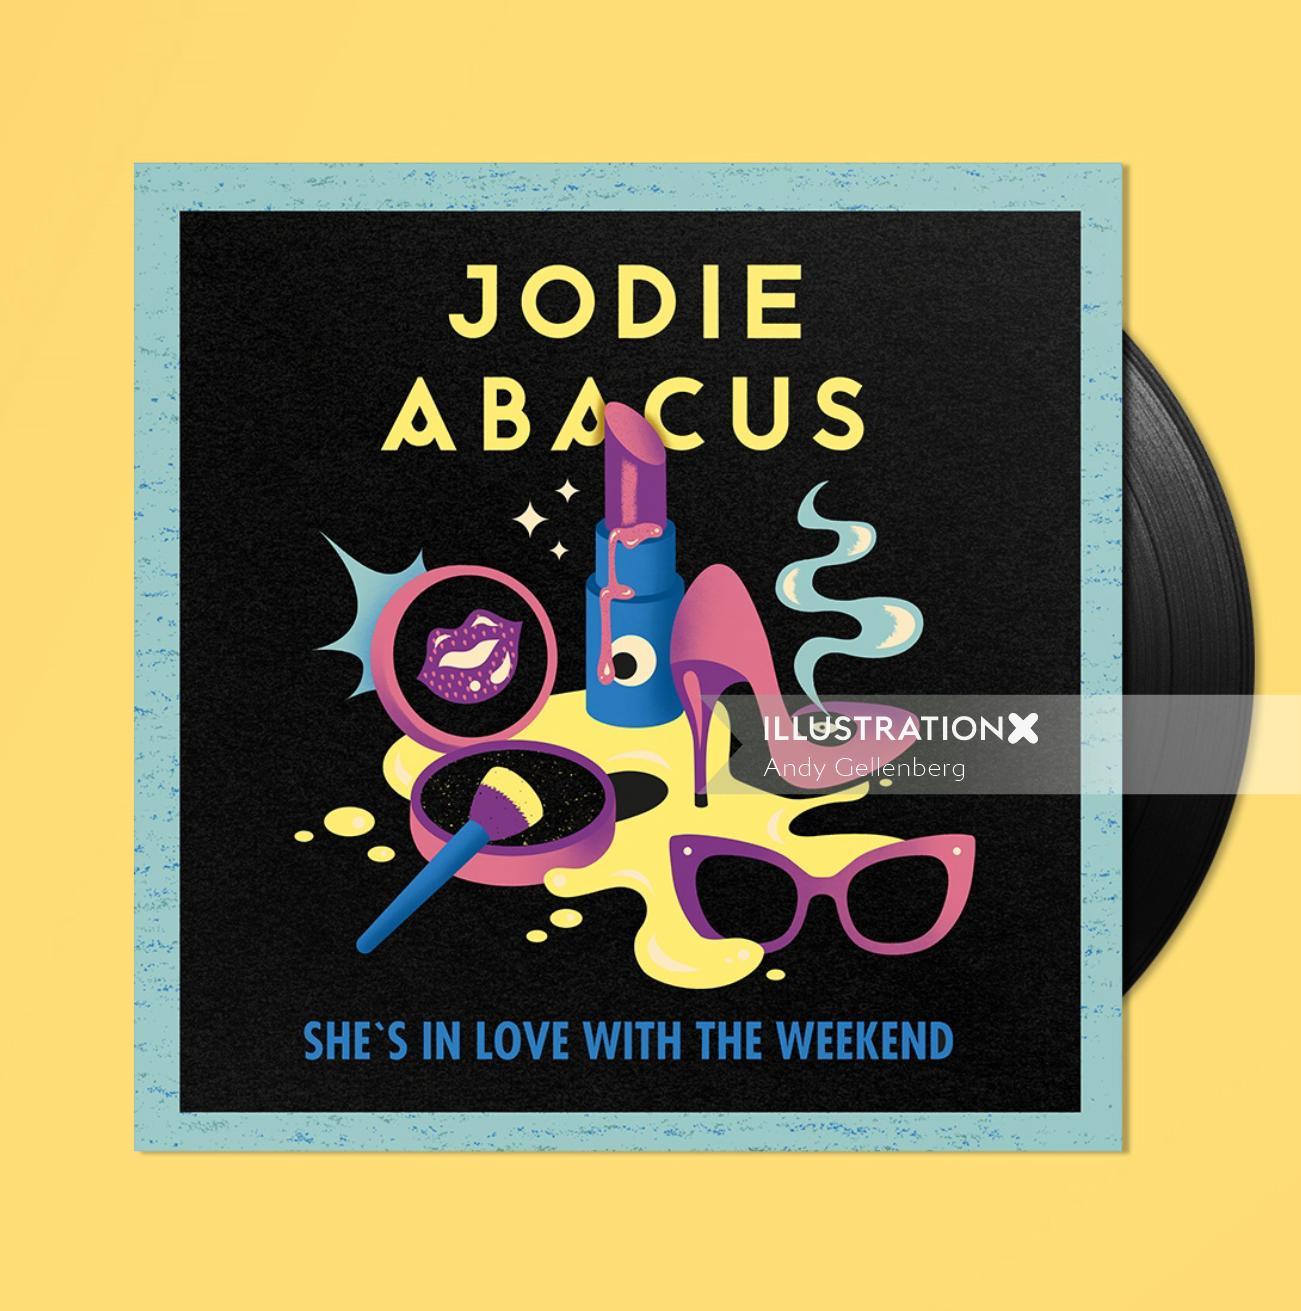 Retro Graphic Jodie Abacus